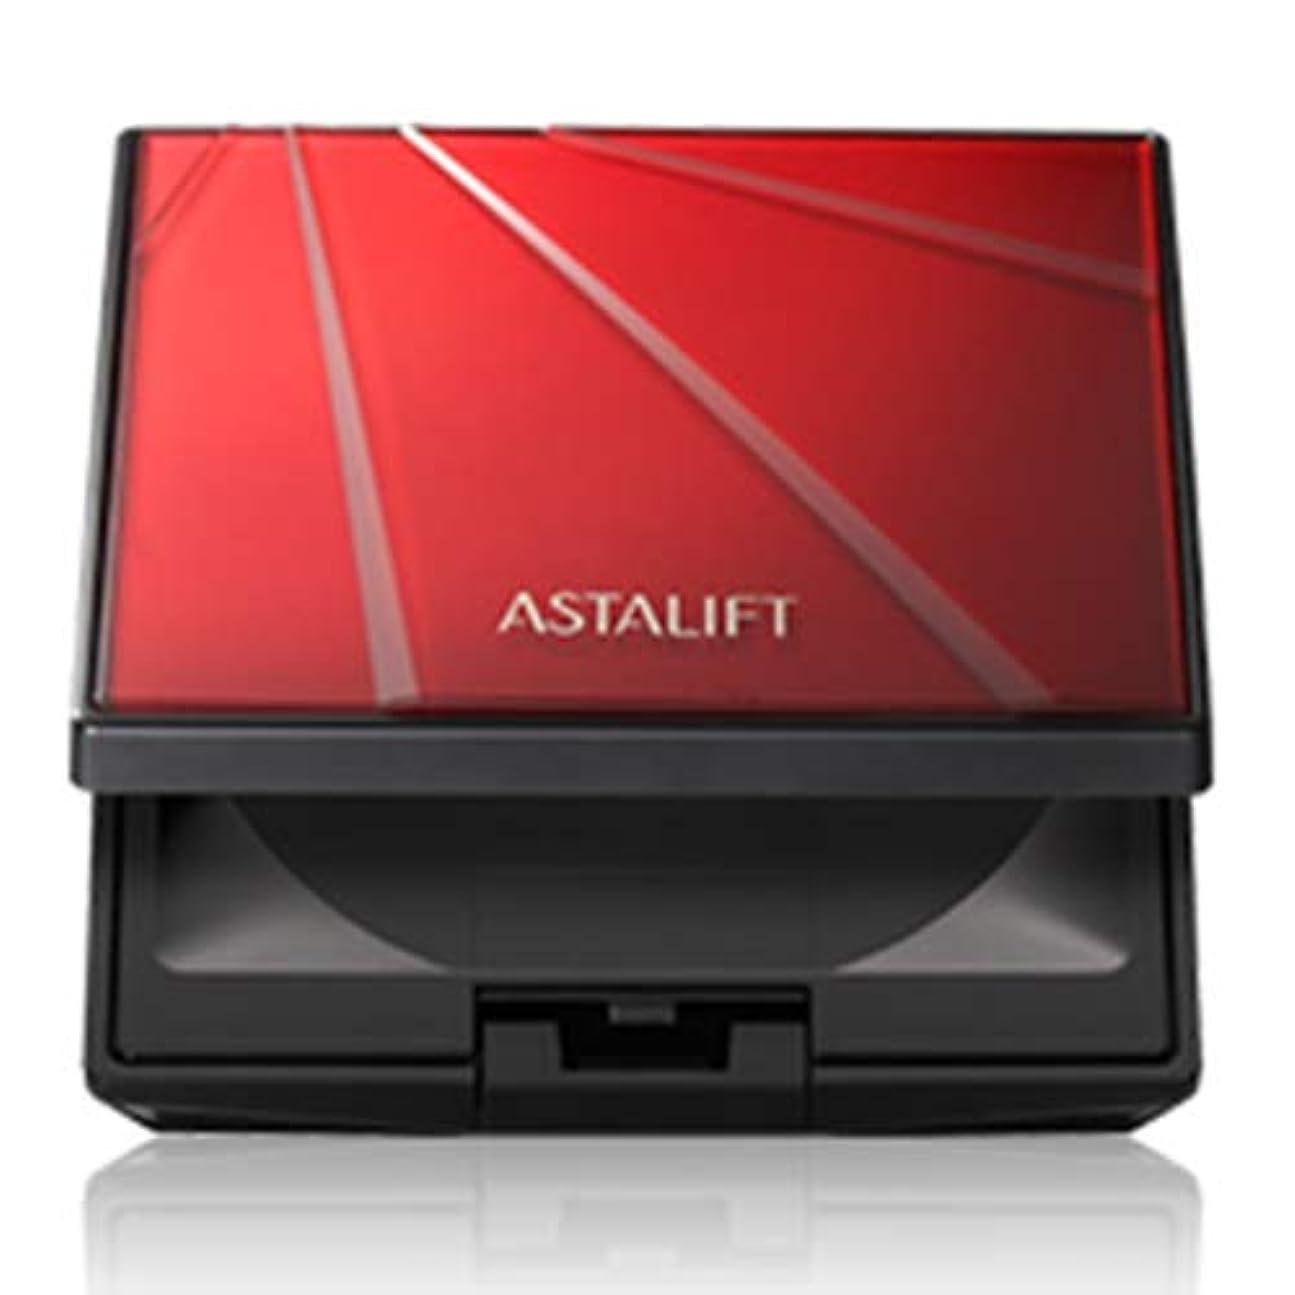 特定の調停者広範囲にASTALIFT(アスタリフト) ライティングパーフェクション プレストパウダー用ケース